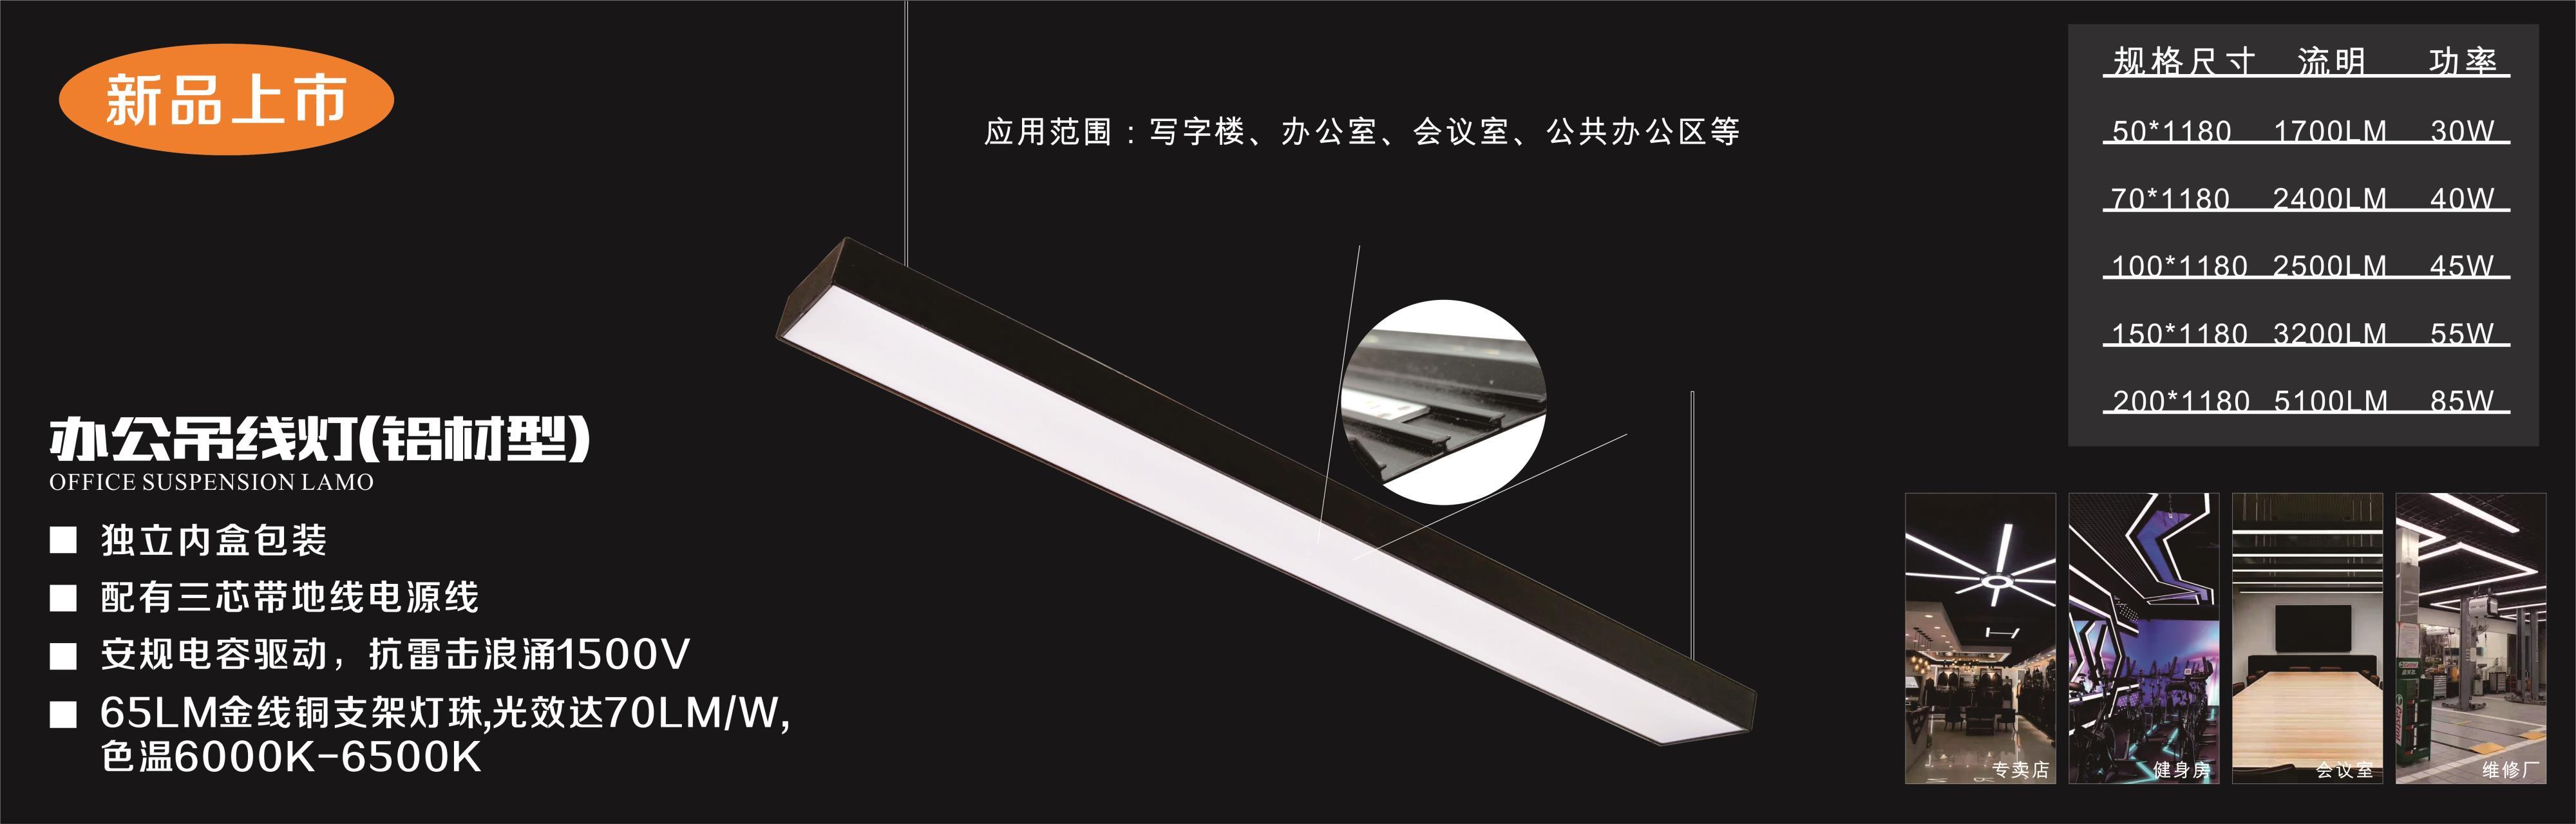 铝材办公灯